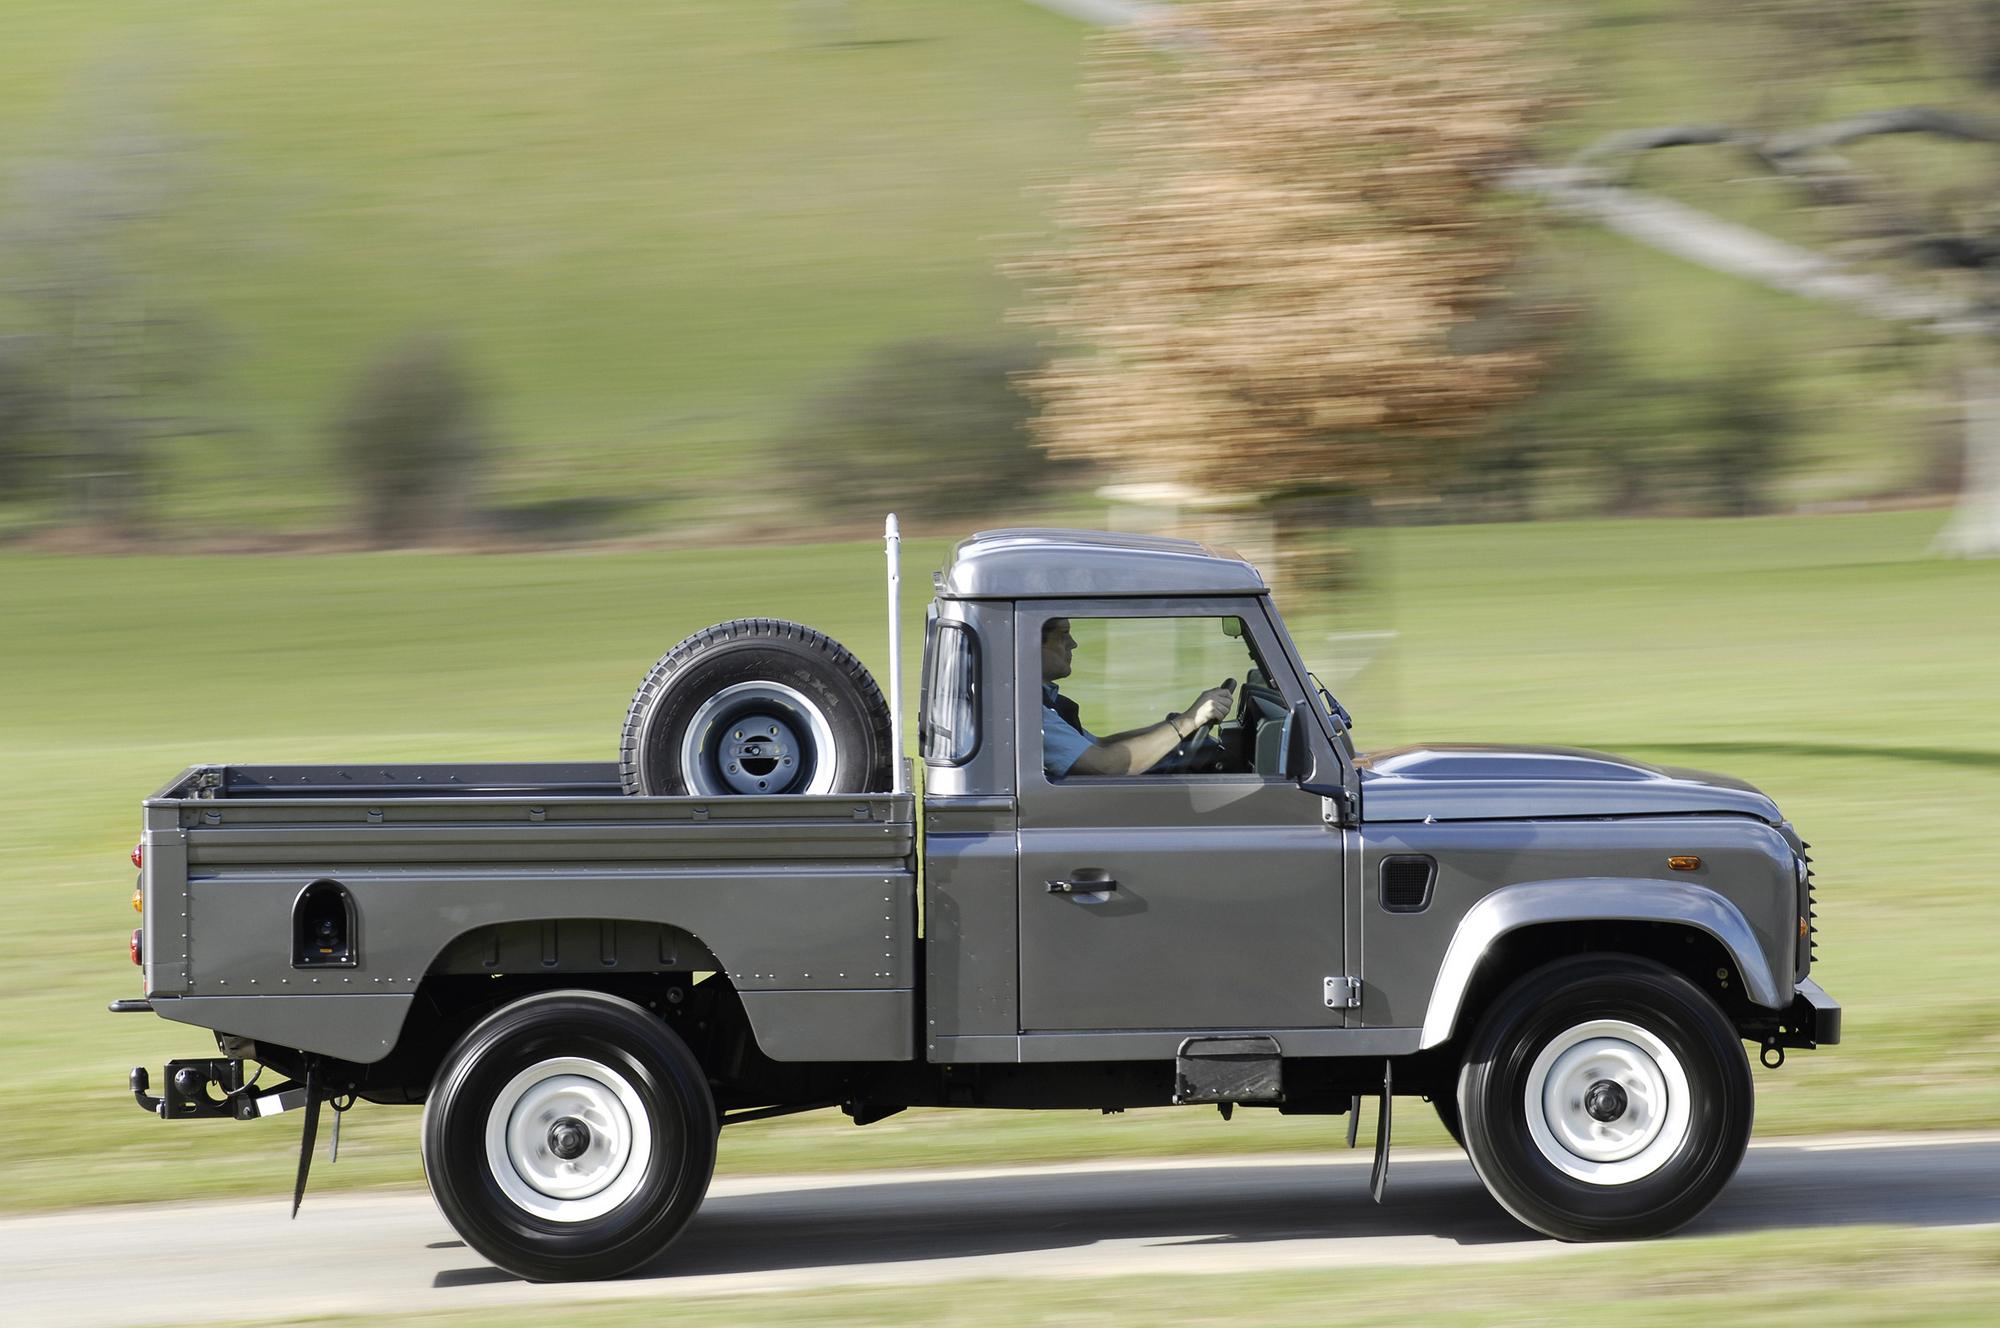 land rover defender 110 pick up high capacity slideshow. Black Bedroom Furniture Sets. Home Design Ideas